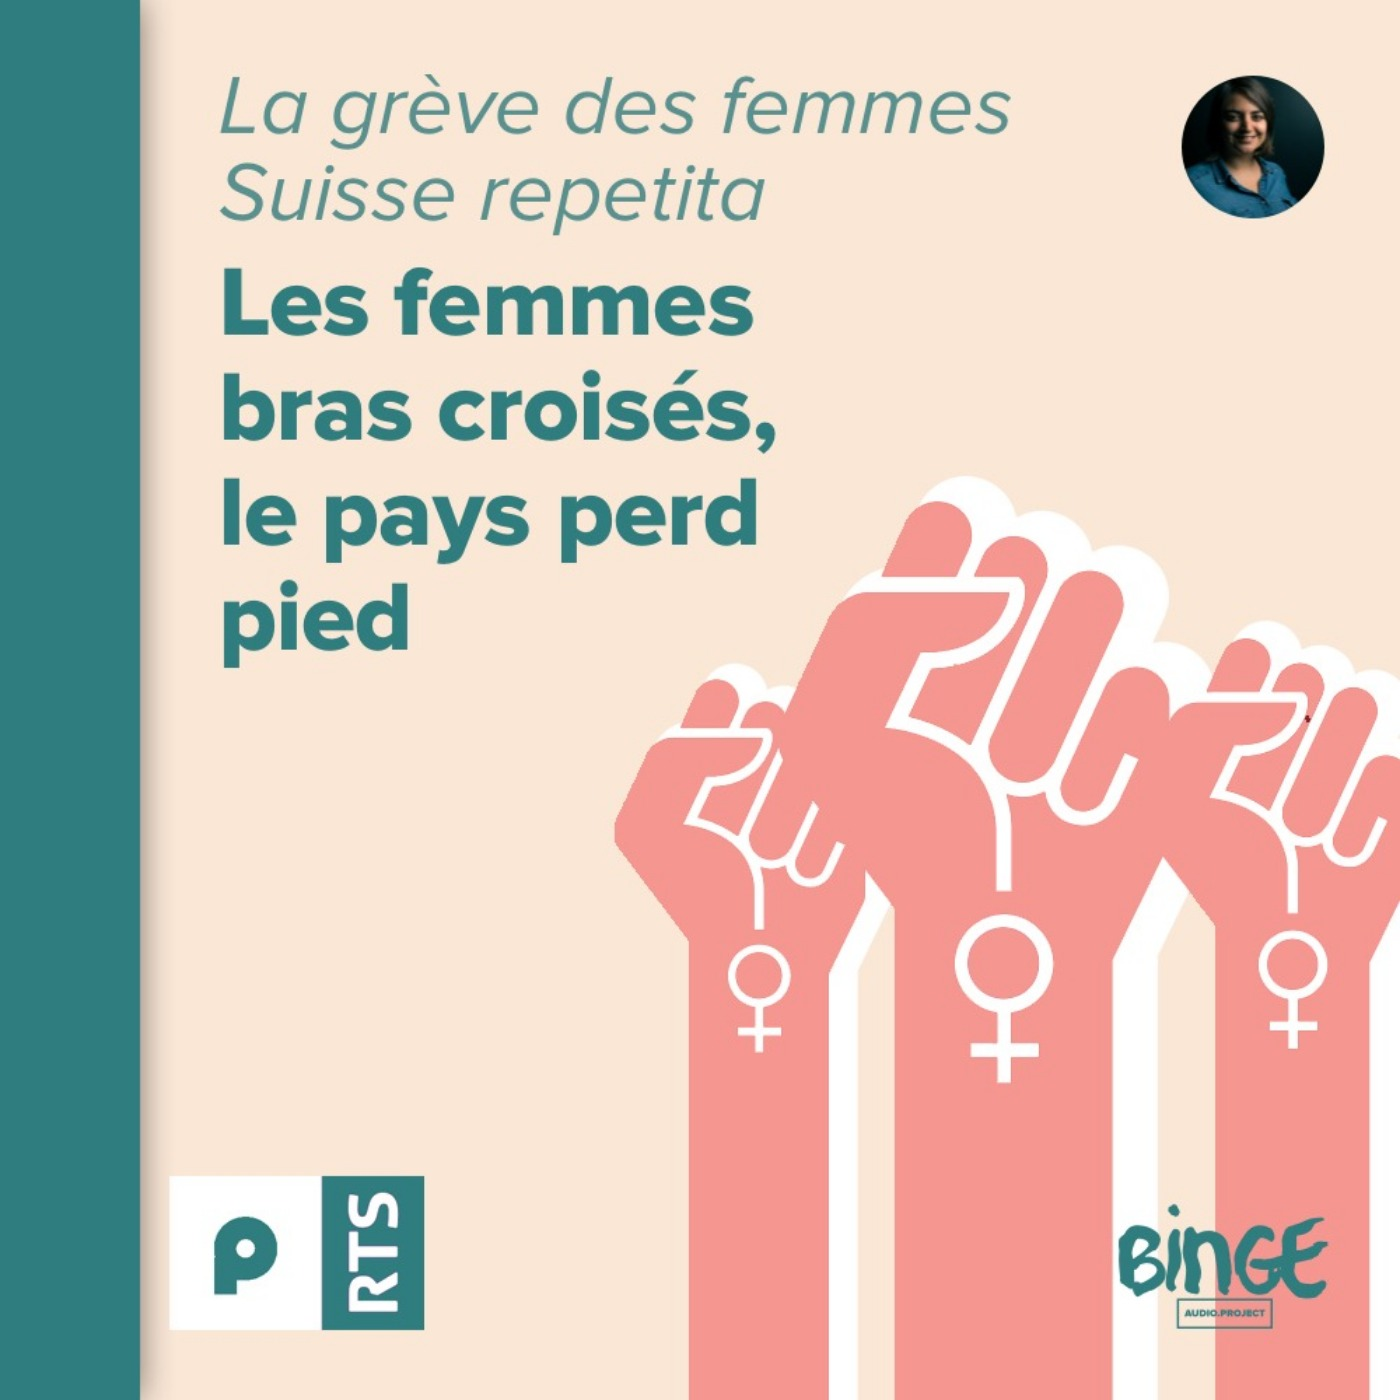 La grève des femmes, Suisse repetita (2/3)